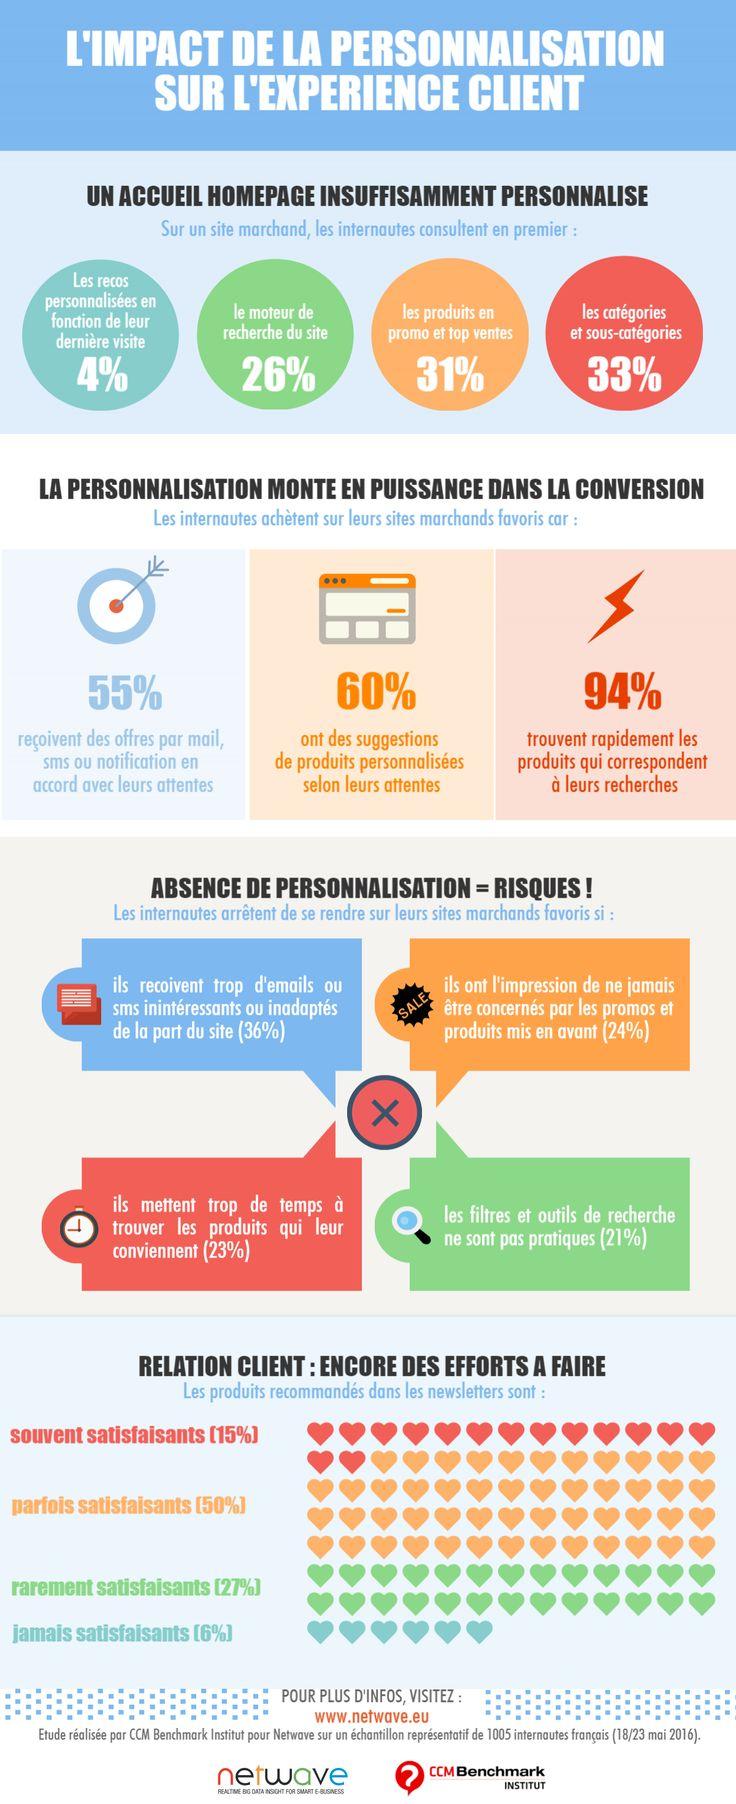 L'impact de la personnalisation sur le parcours client en e-commerce